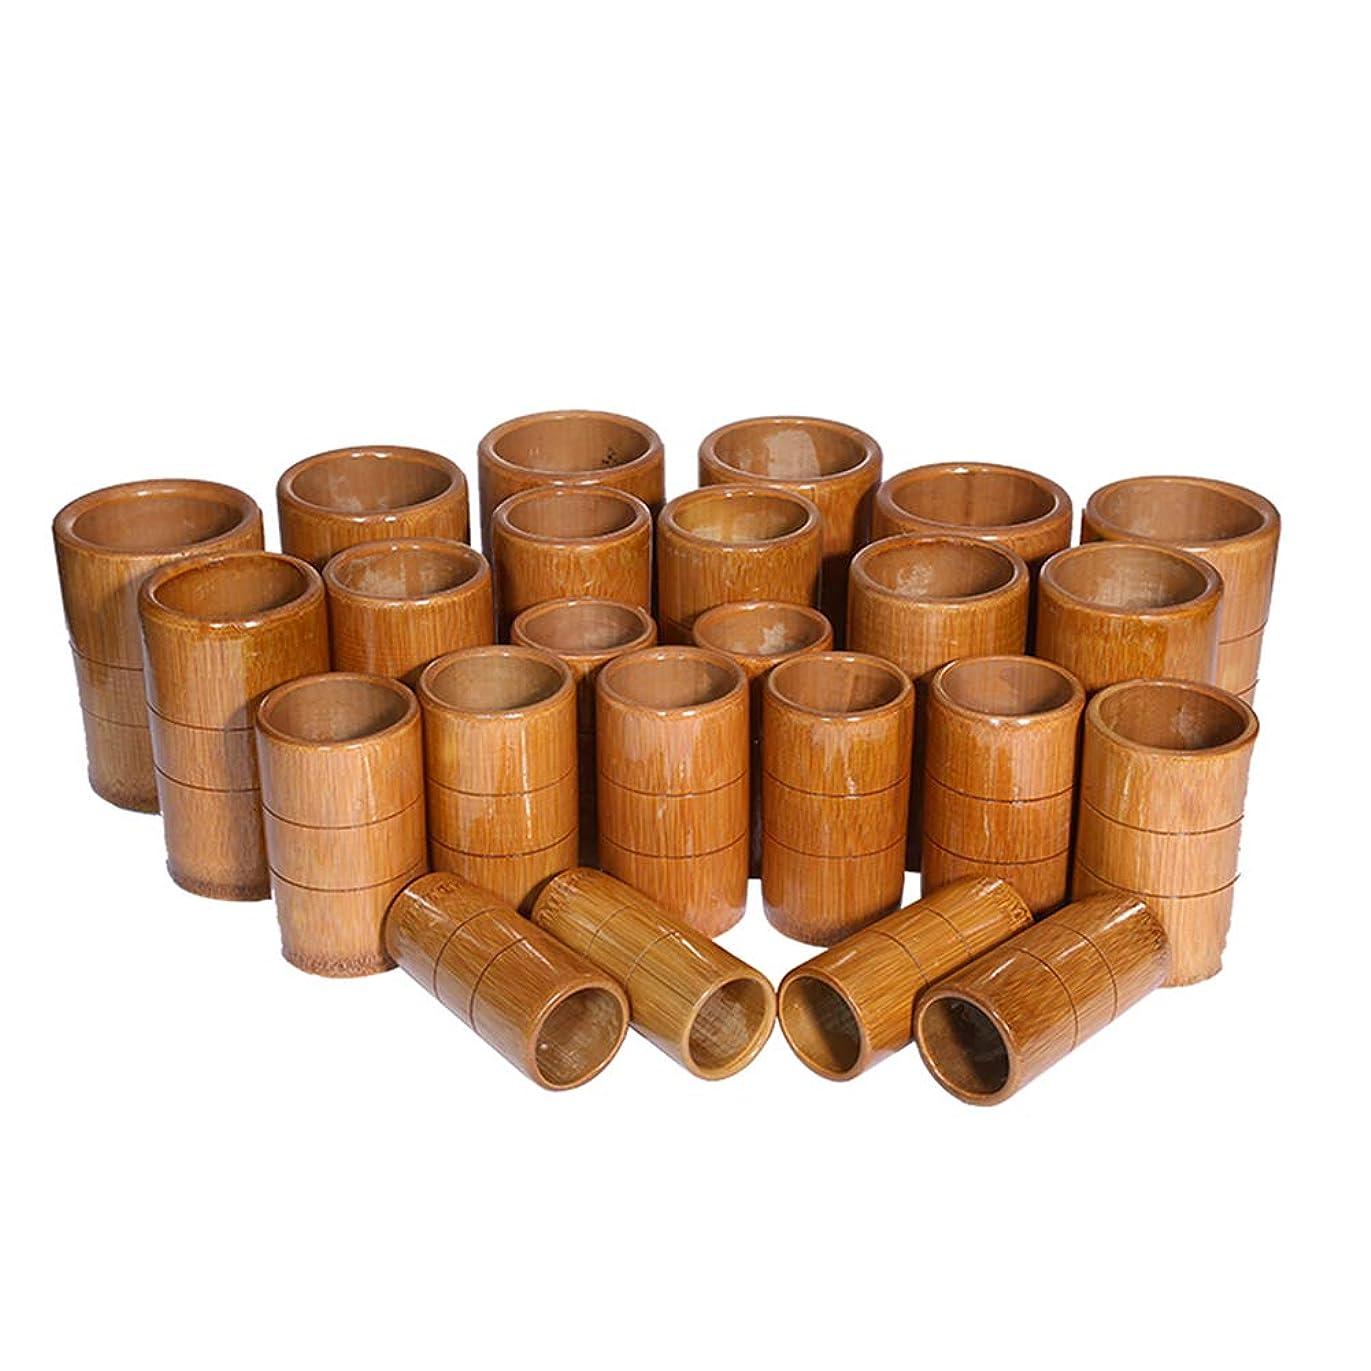 レイ出来事反動マッサージバキュームカップキット - カッピング竹療法セット - 炭缶鍼治療ボディ医療吸引セット,A10pcs